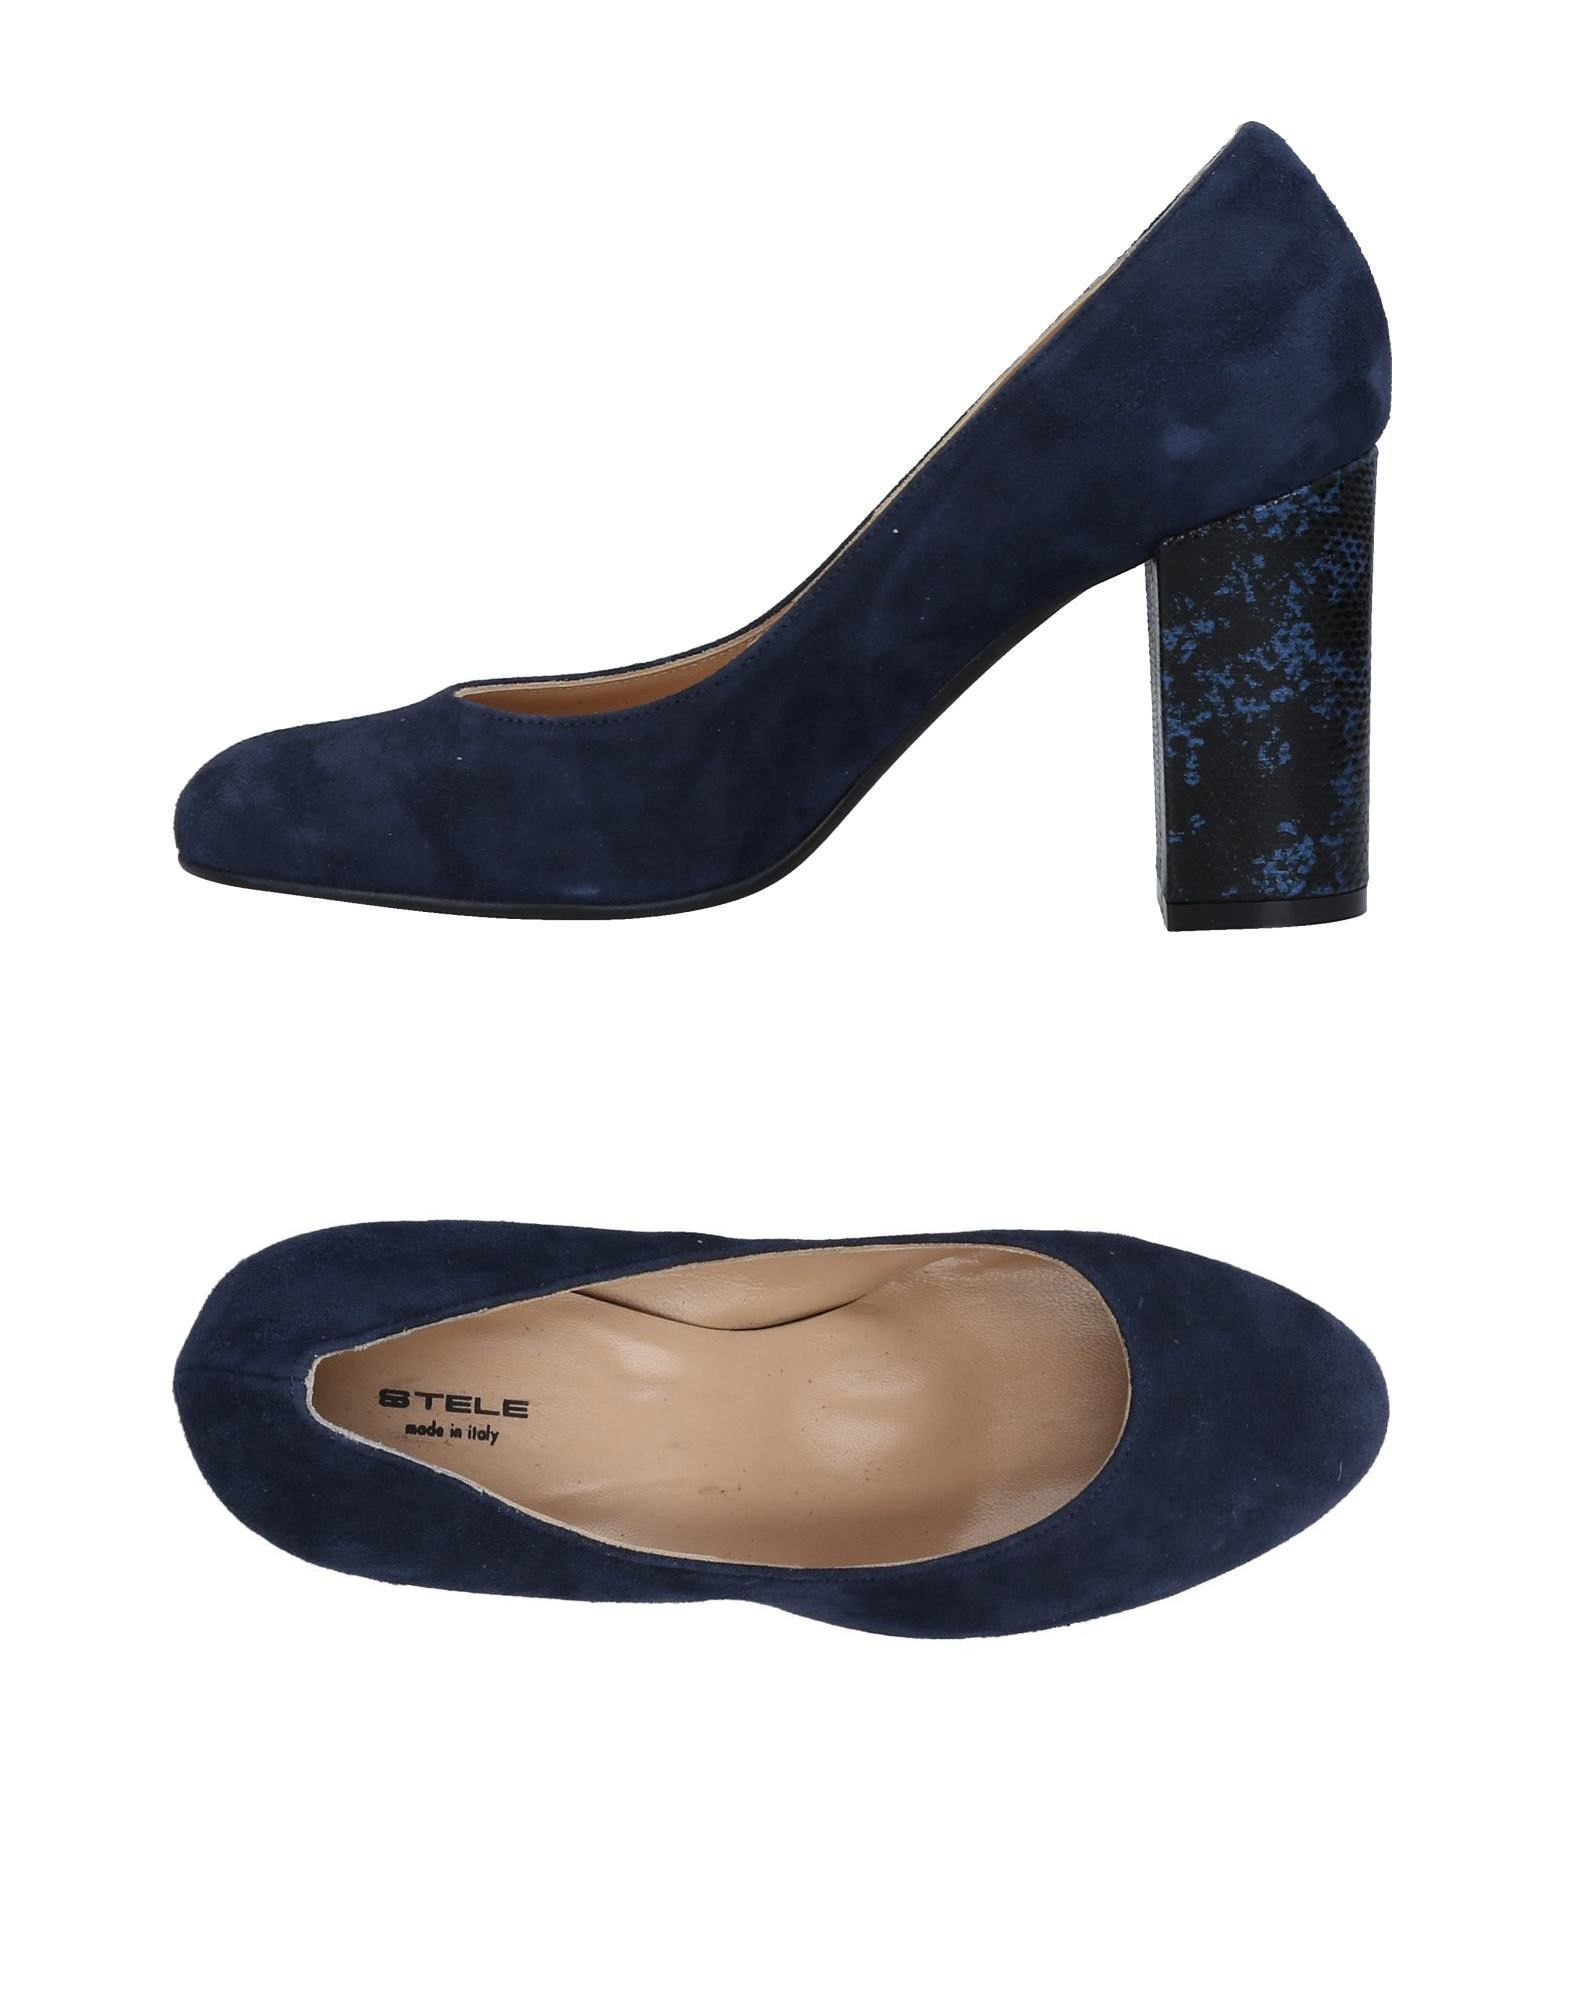 Sandali Soher Donna e - 11460548SB Nuove offerte e Donna scarpe comode d8b467